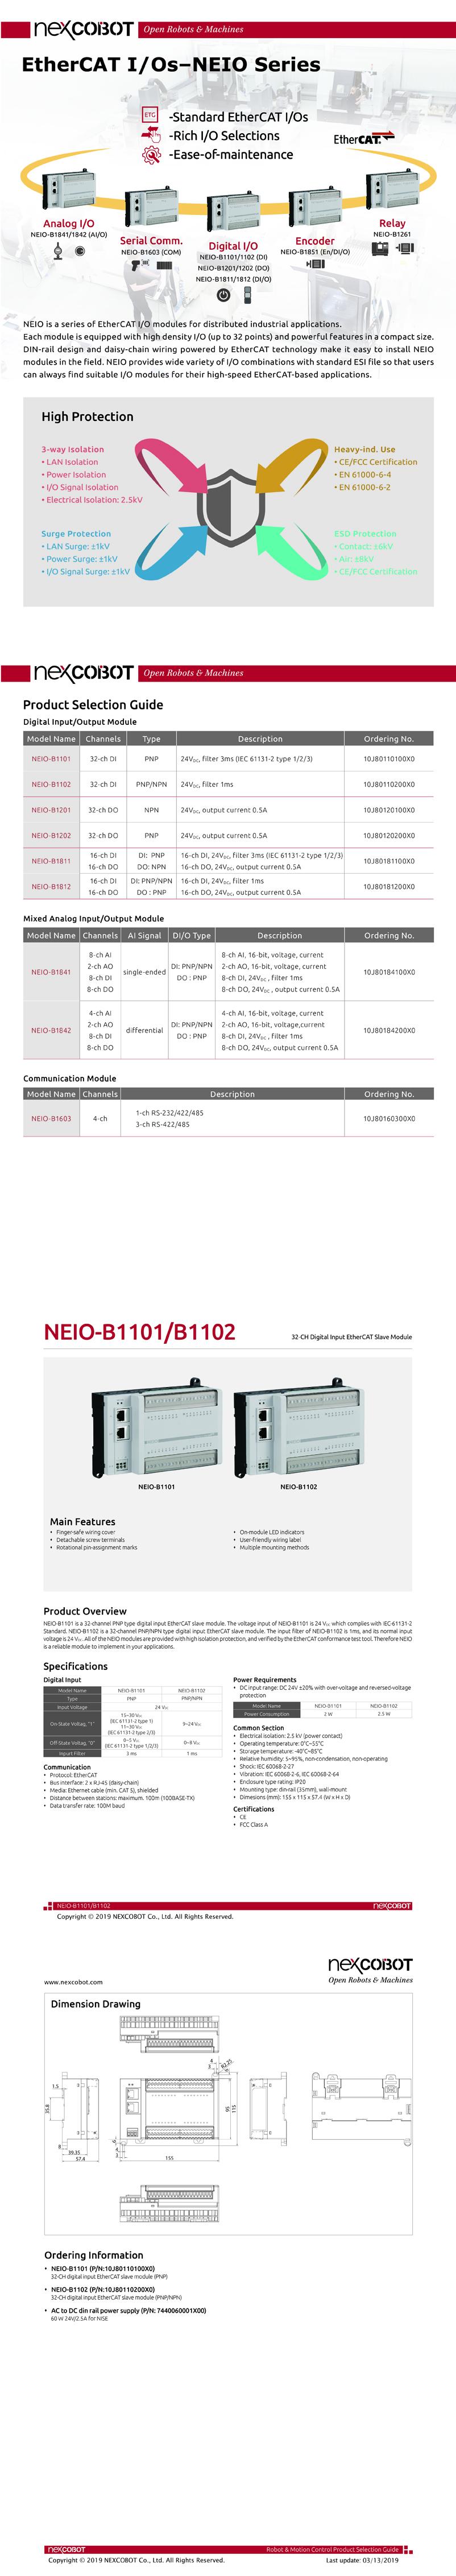 NEIO-B1102_L 1.jpg